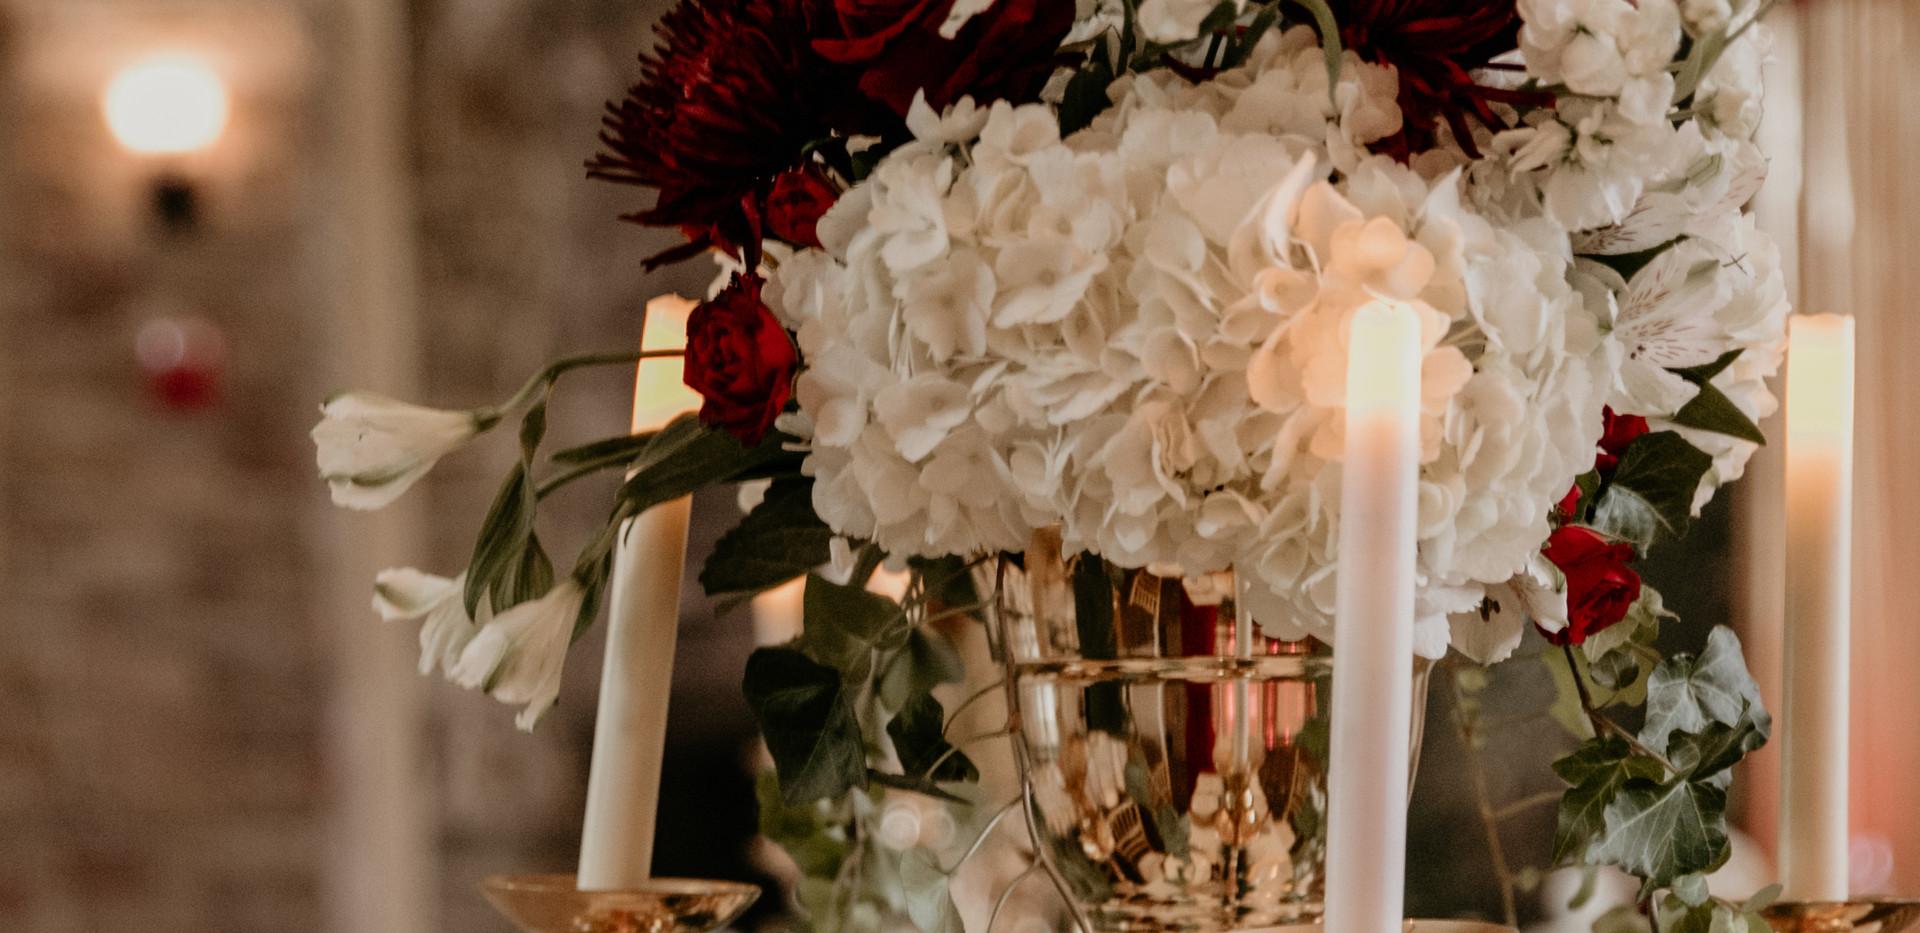 floral centerpiece, table decor